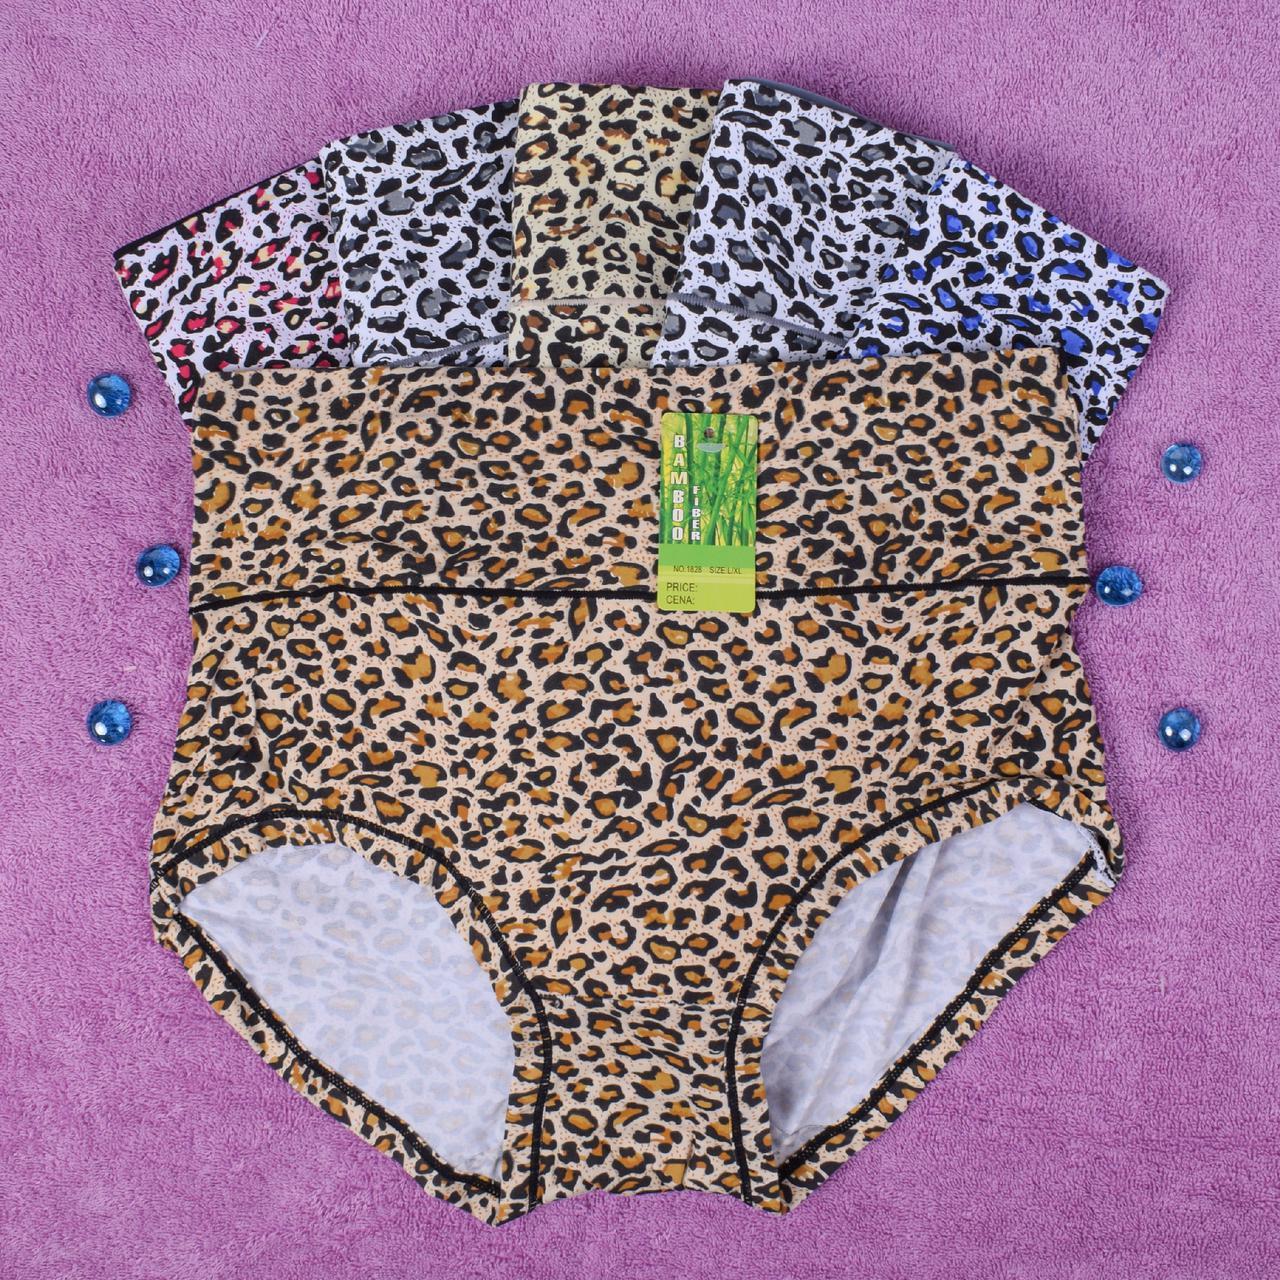 Трусы женские бамбуковые. Djan 1828 L/XL. Размер 50-52. В упаковке 6 ш